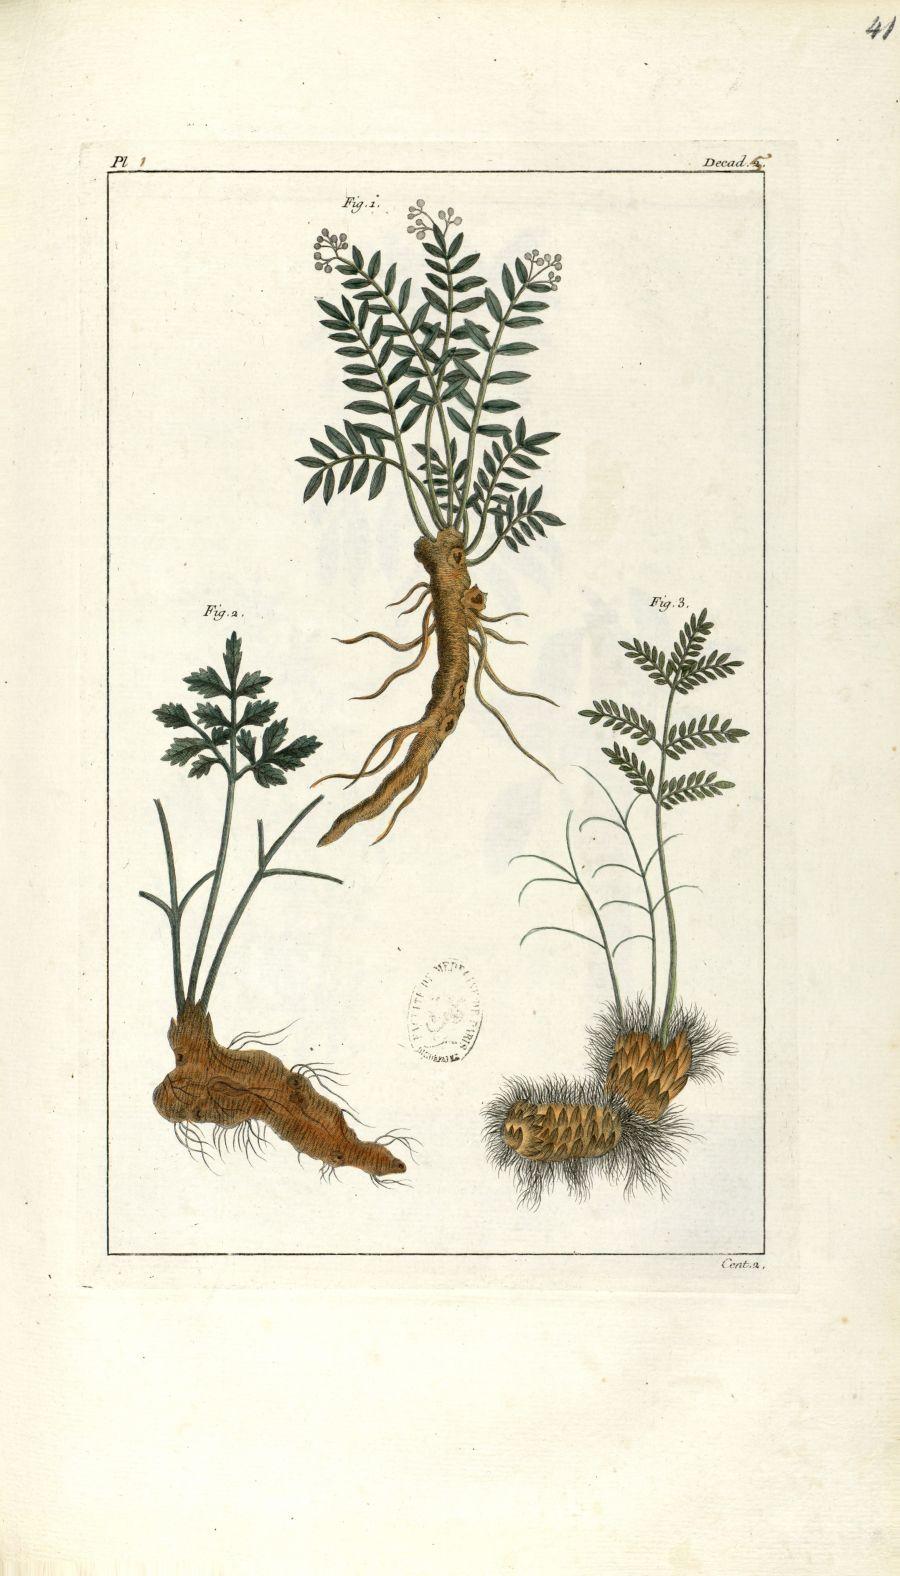 Planche I. Decad. 5. Cent. 2 - Herbier ou collection des plantes médicinales de la Chine d'après un  [...] - Botanique. Plantes (médecine). Chine. 18e siècle - med01989x0044